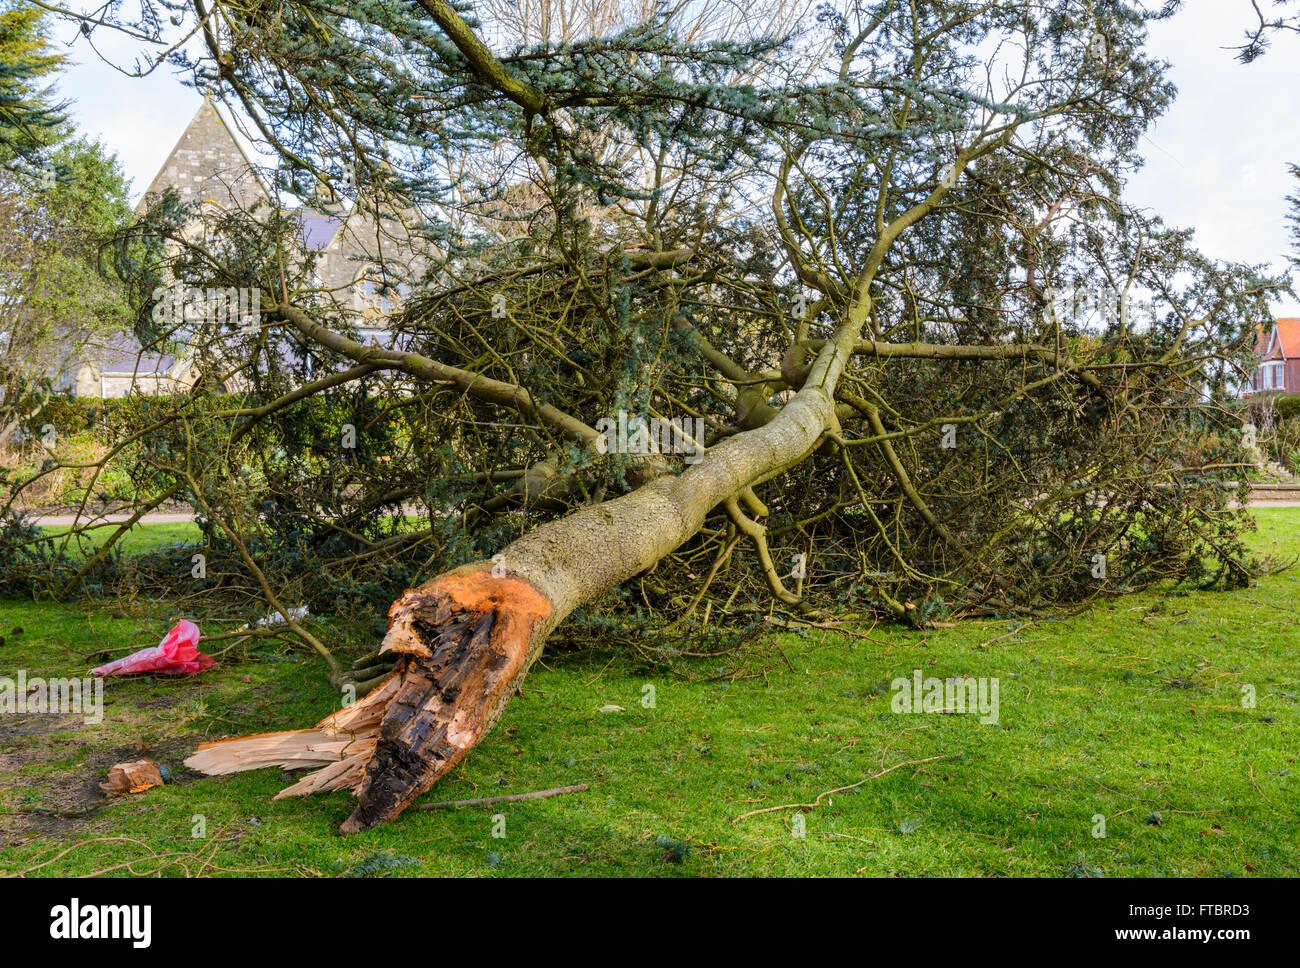 Beschädigte Baum. Zweig eines Baumes aus dem Main Trunk gebrochen während Stürme in West Sussex, Stockbild